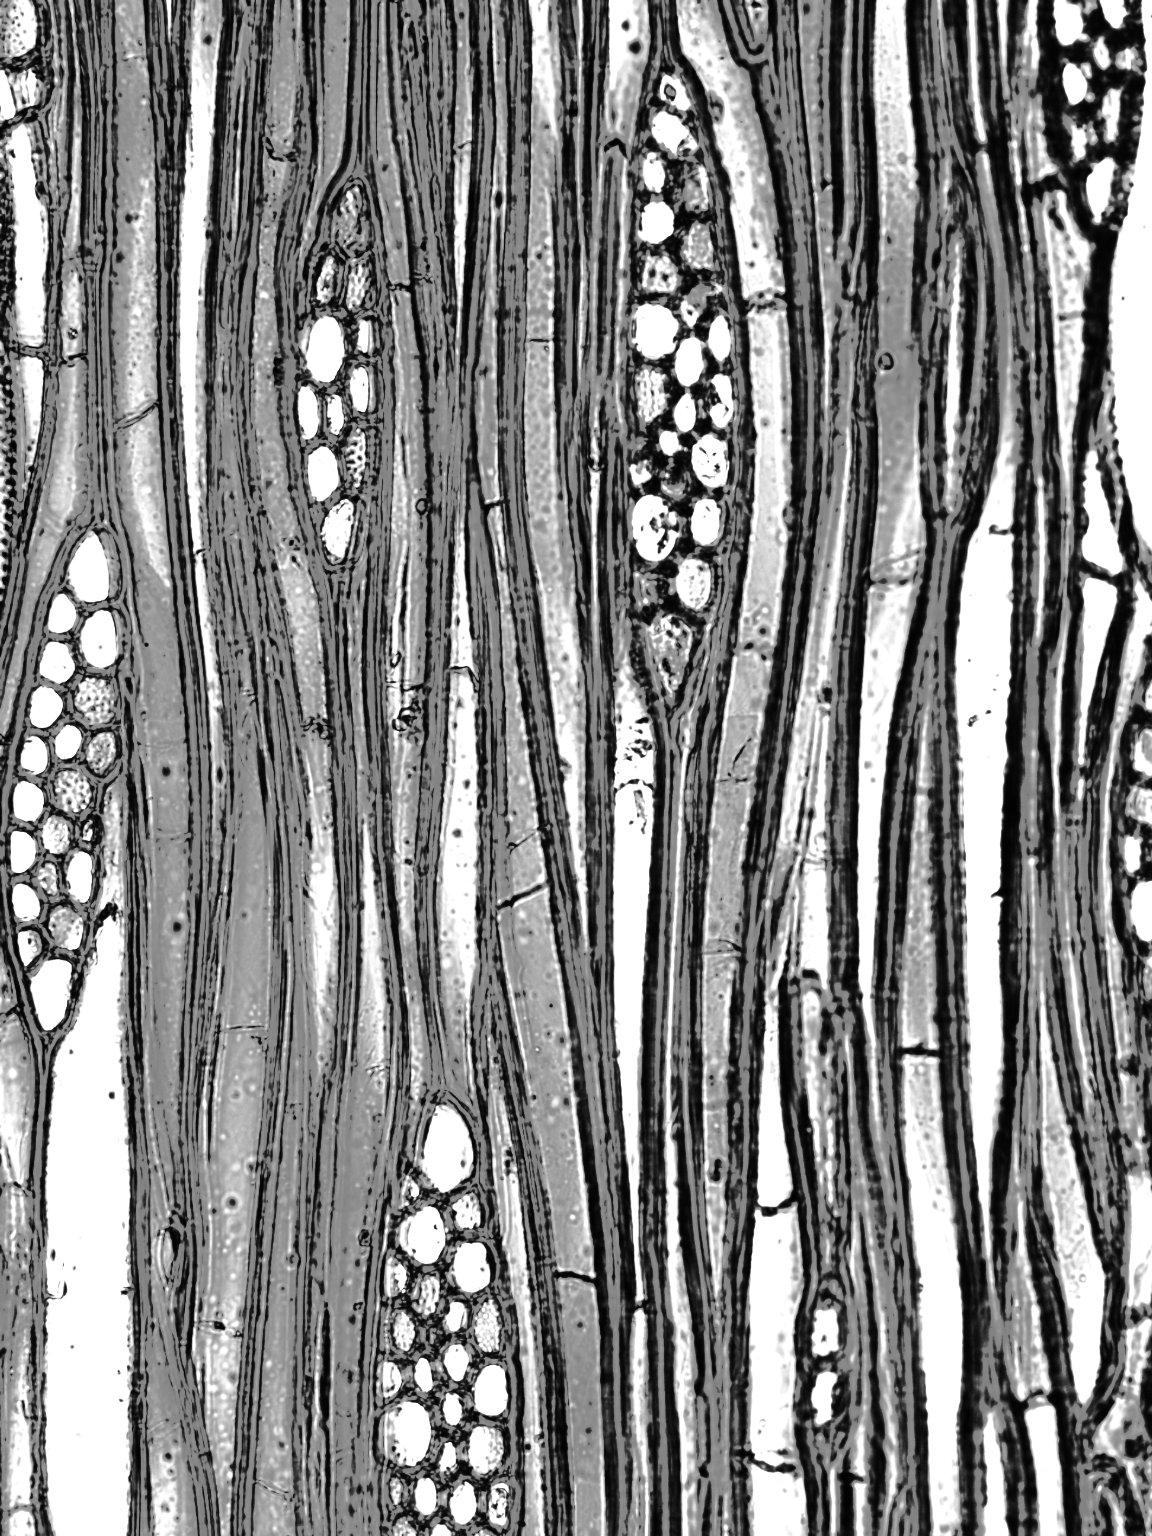 BIGNONIACEAE Delostoma integrifolium